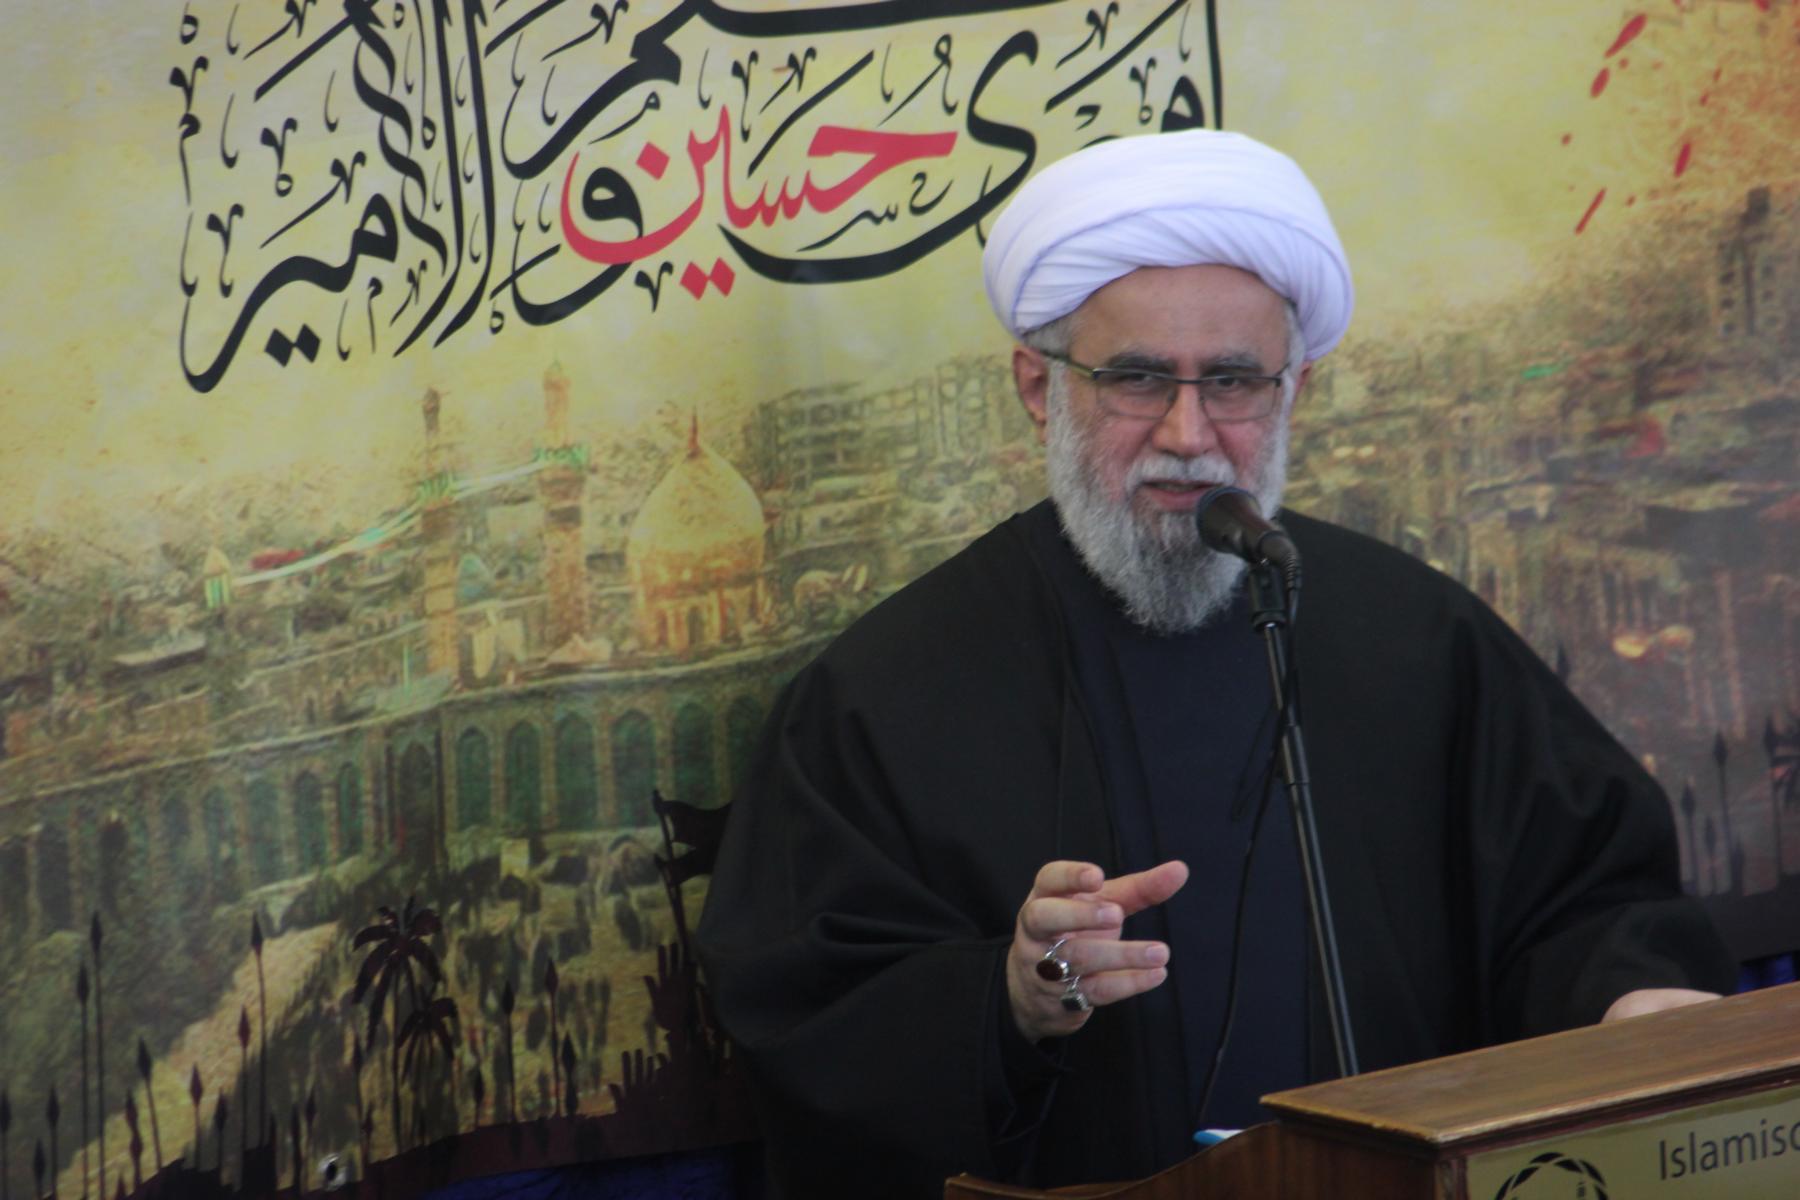 حجت الاسلام والمسلمین رضا رمضانی،  مدیر مرکز اسلامی هامبورگ